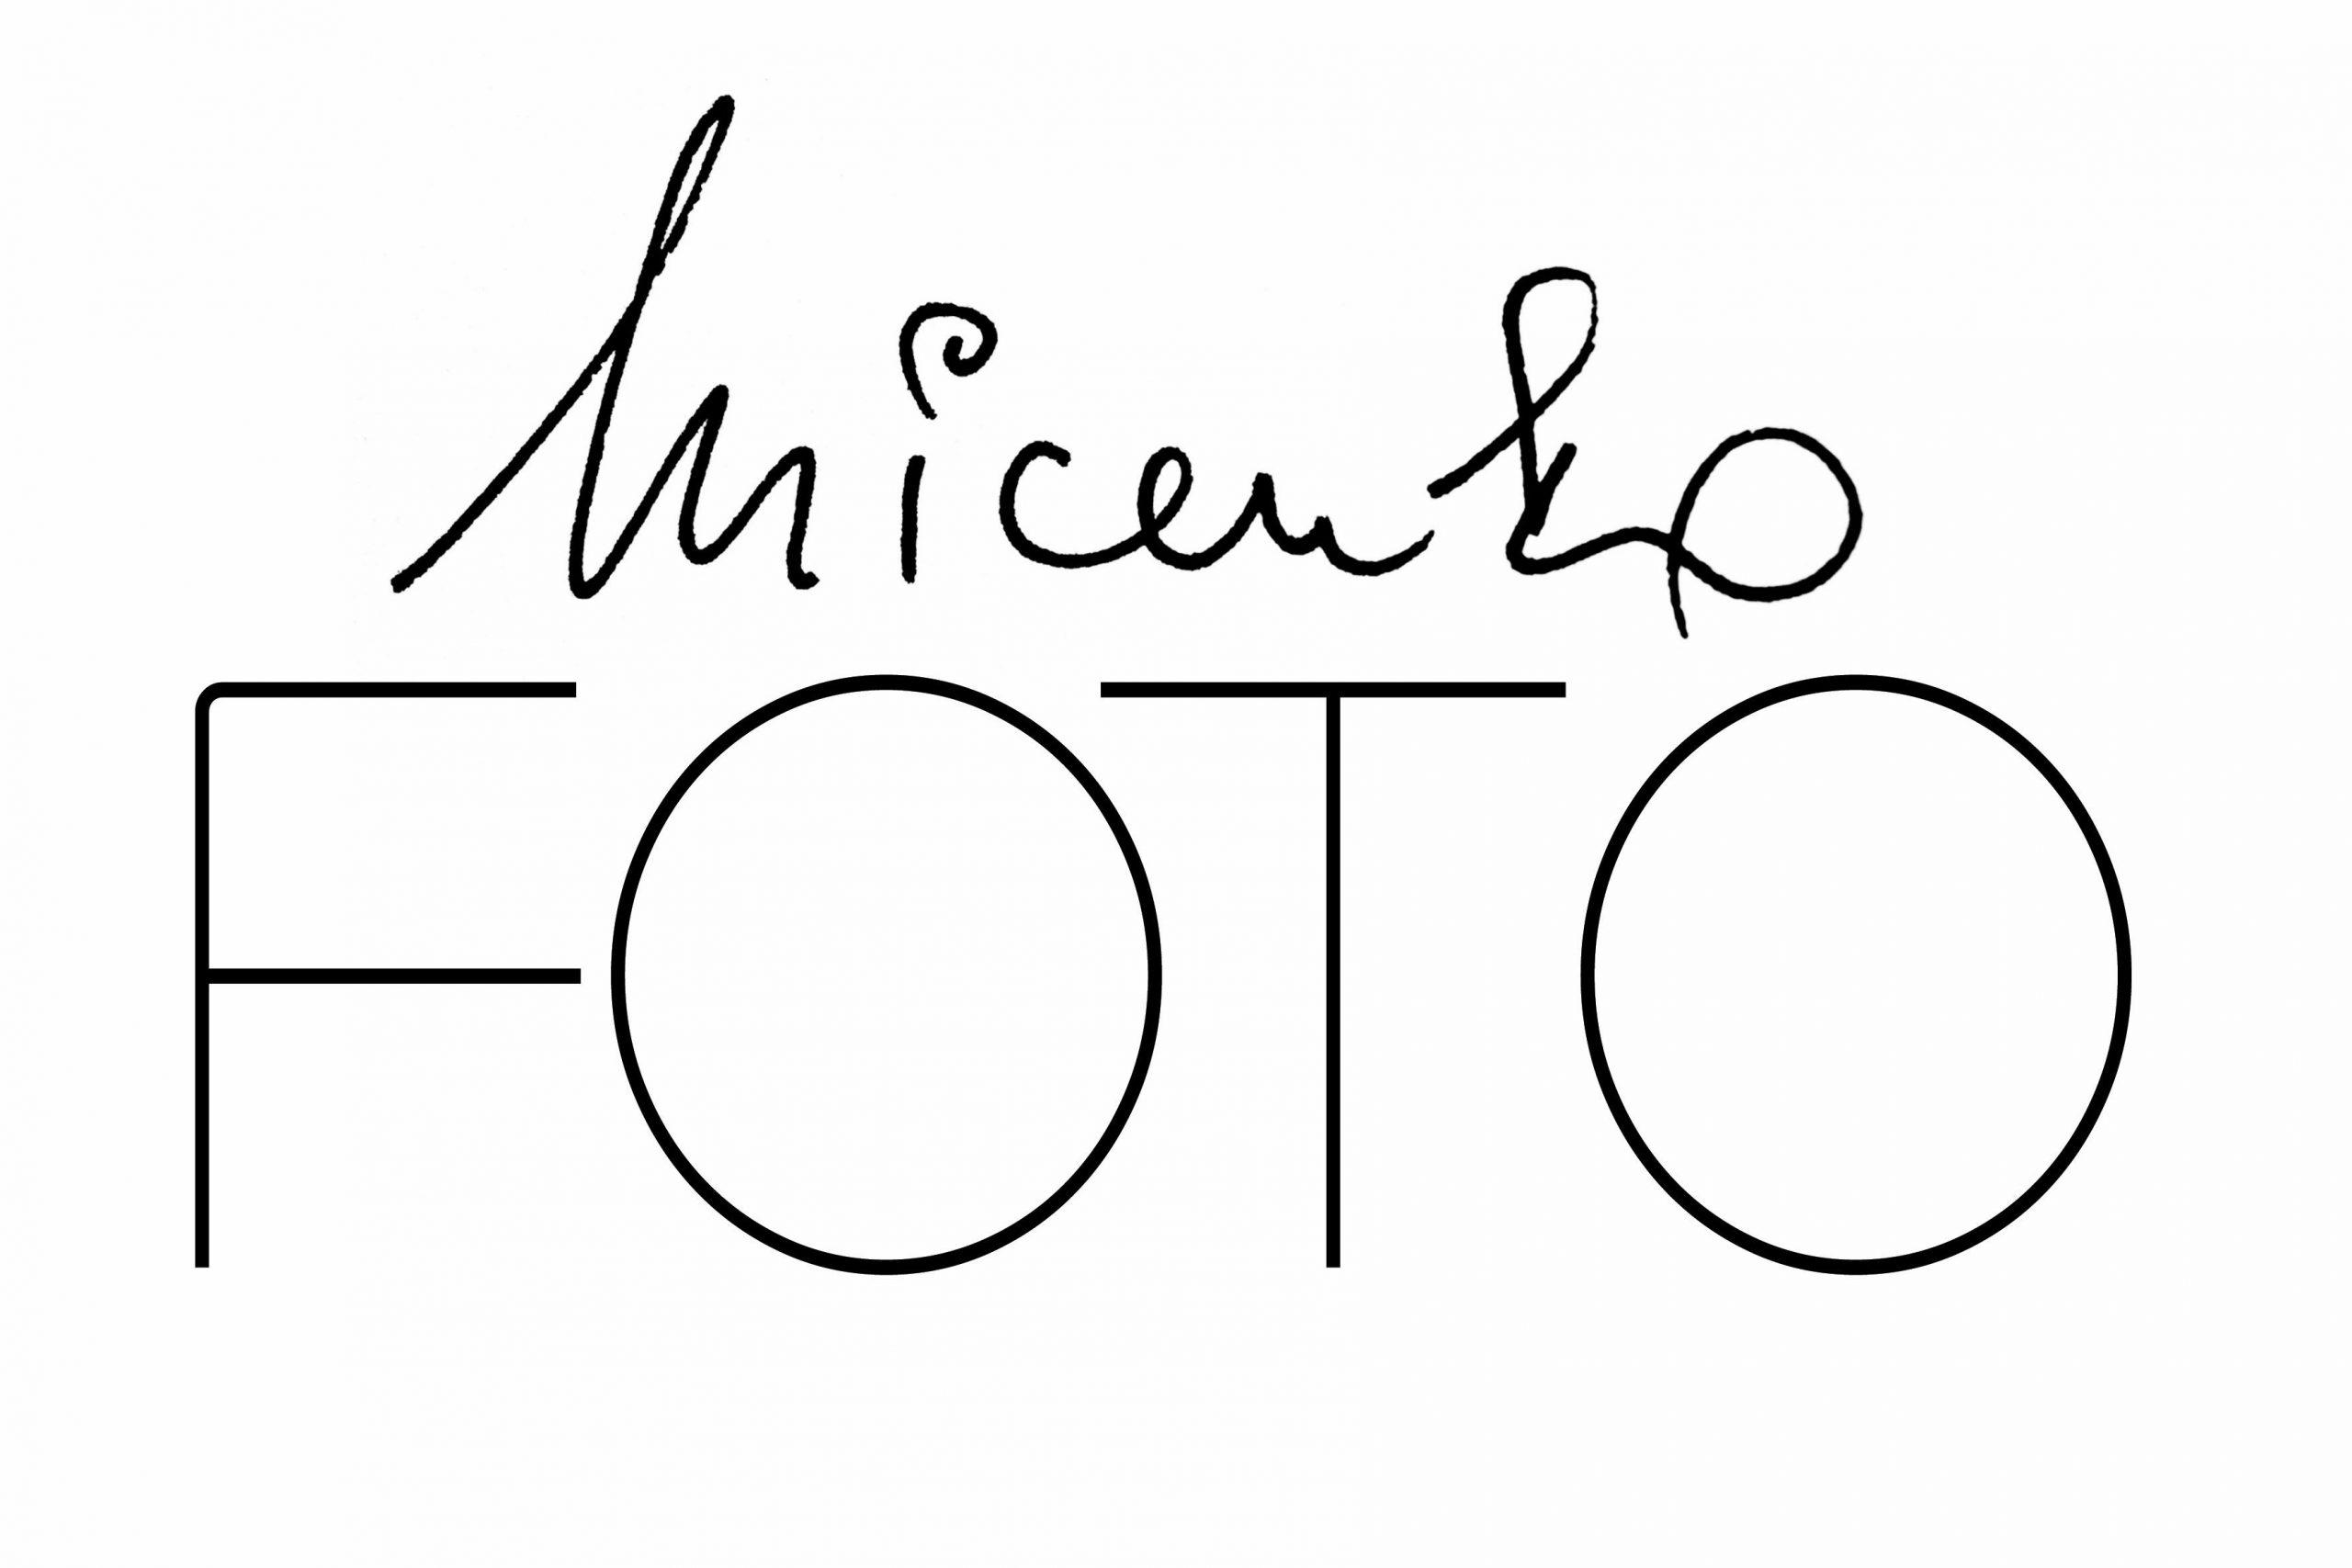 MicenkoFOTO